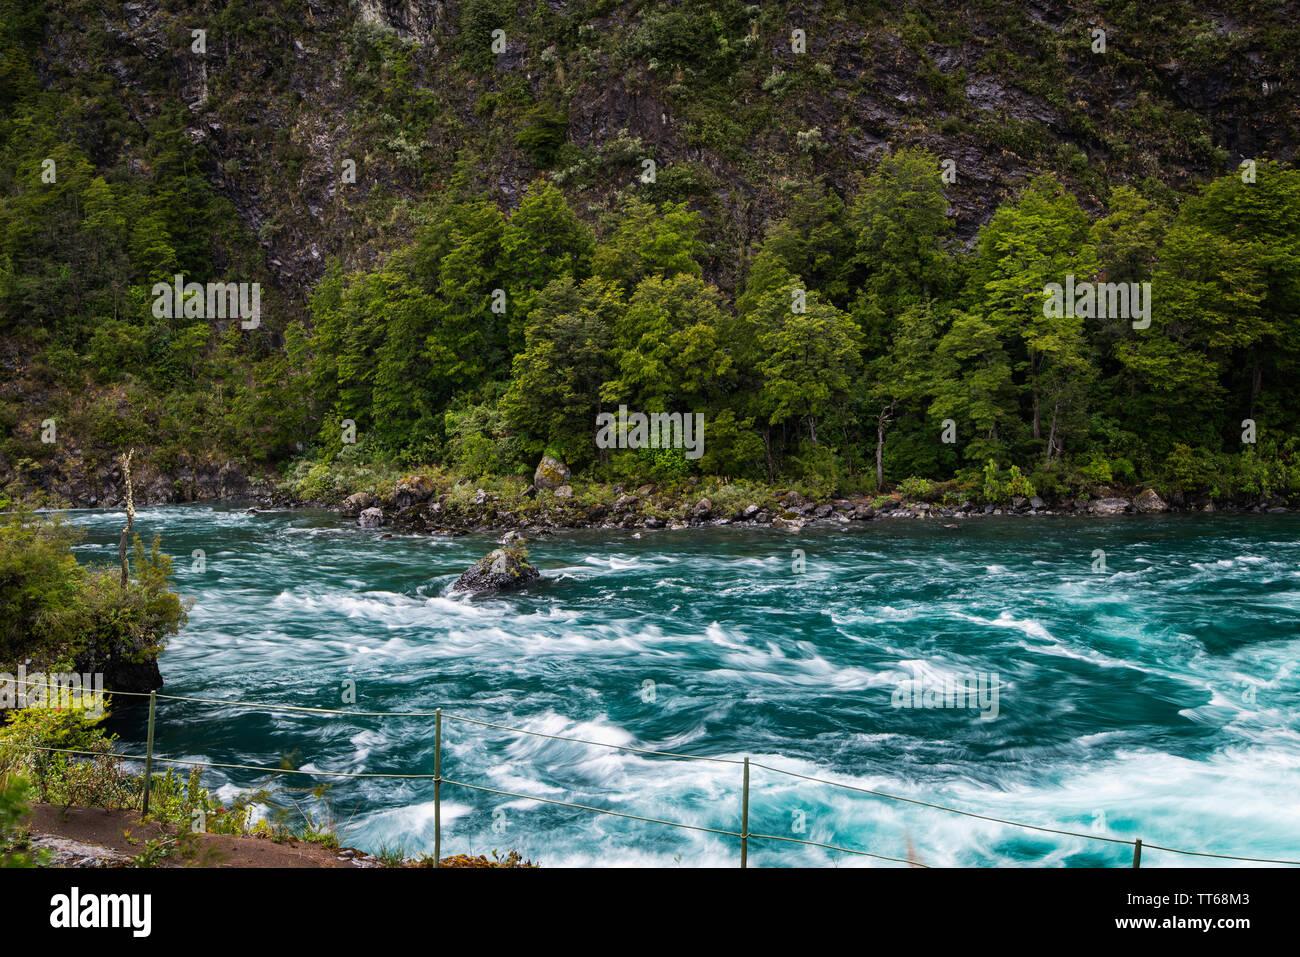 Las aguas turquesas del río Petrohue en la región patagónica de la Cordillera de Los Andes, en Chile; en su origen son los Saltos de Petrohué. Foto de stock